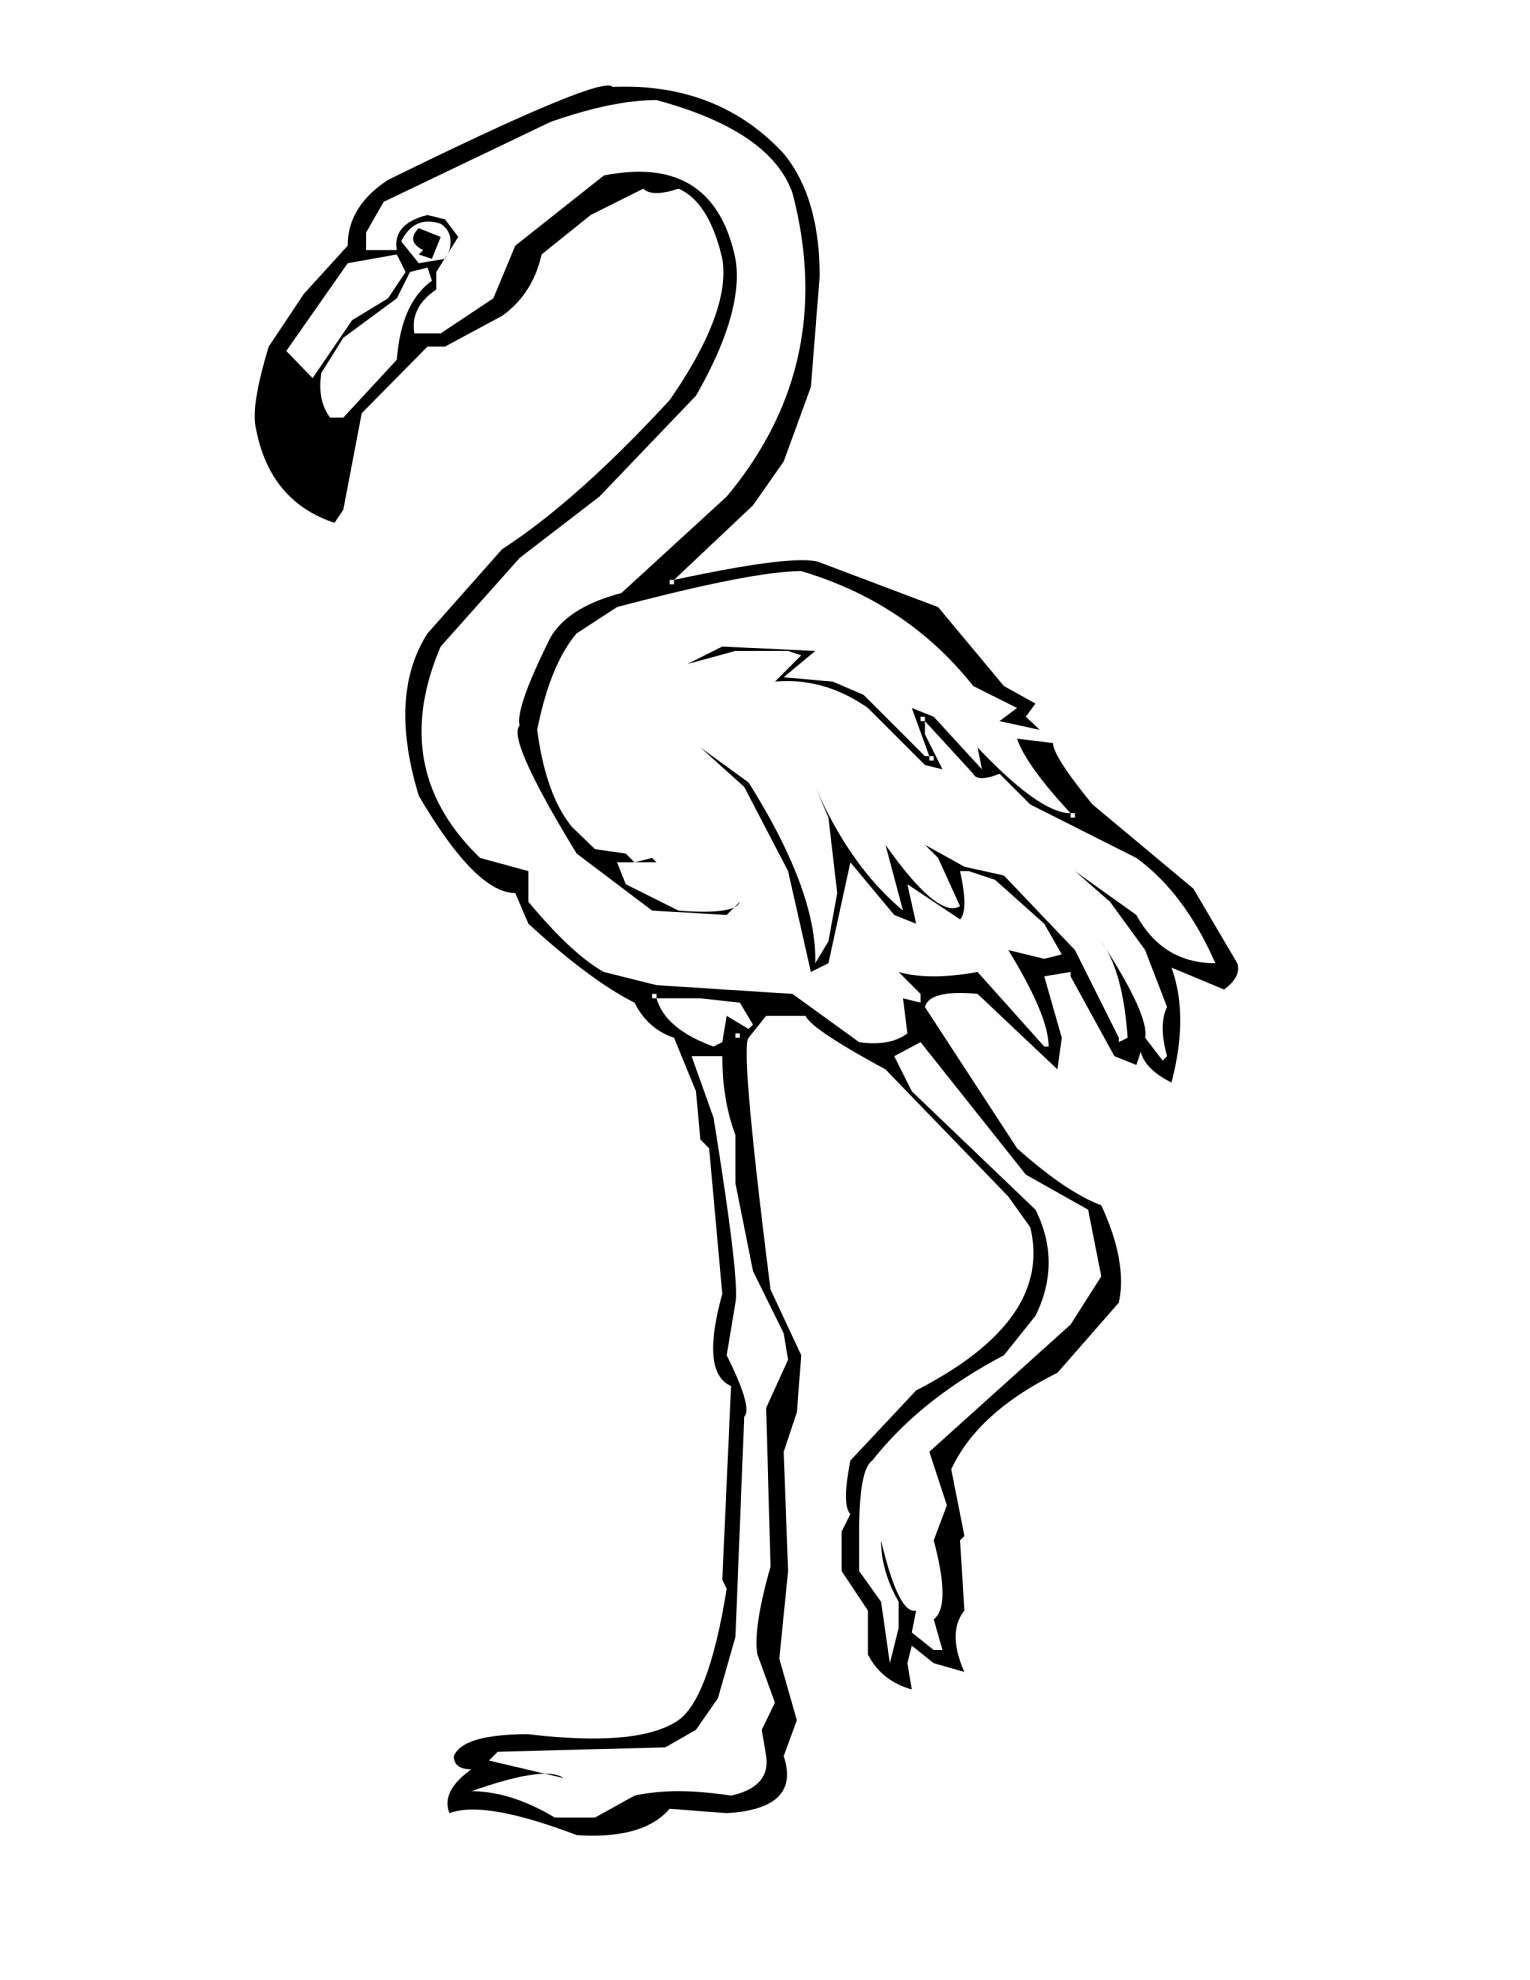 Flamingo Malvorlagen Zum Ausdrucken   Kinder Ausmalbilder